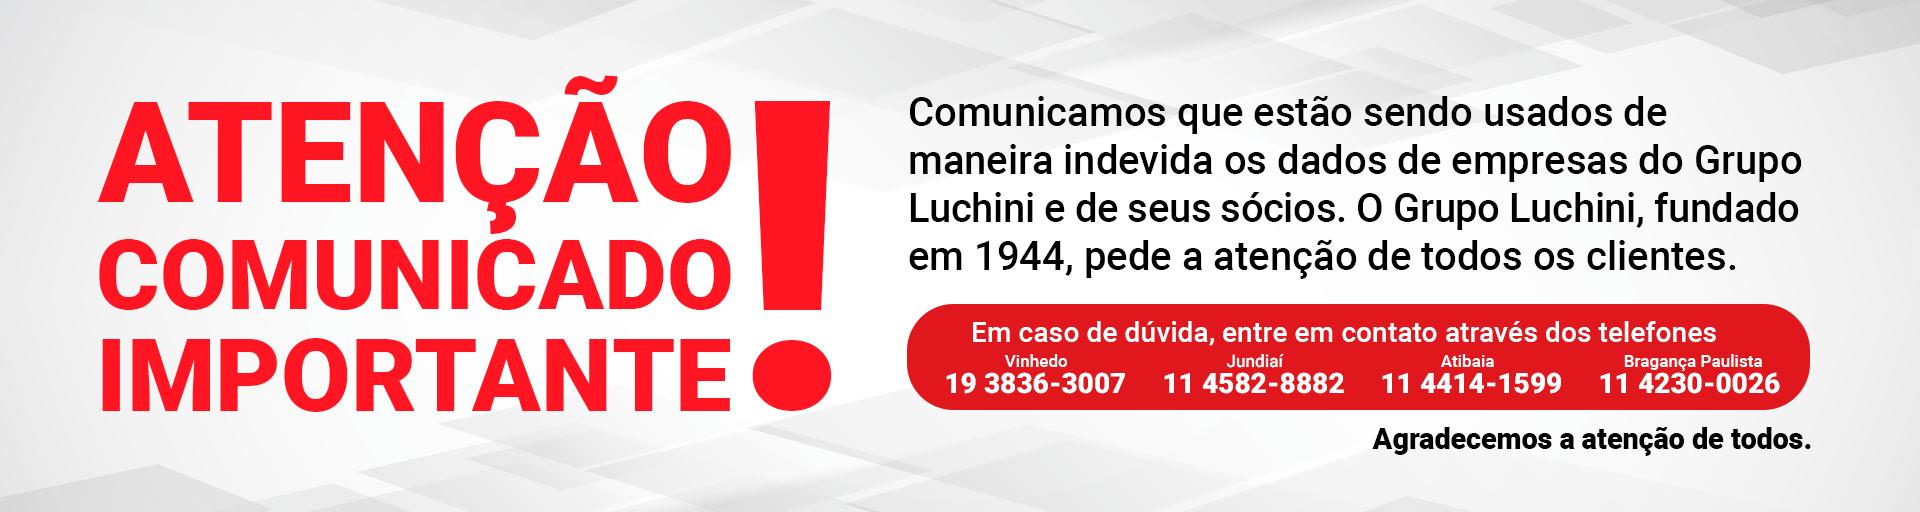 banner_comunicado_fraude